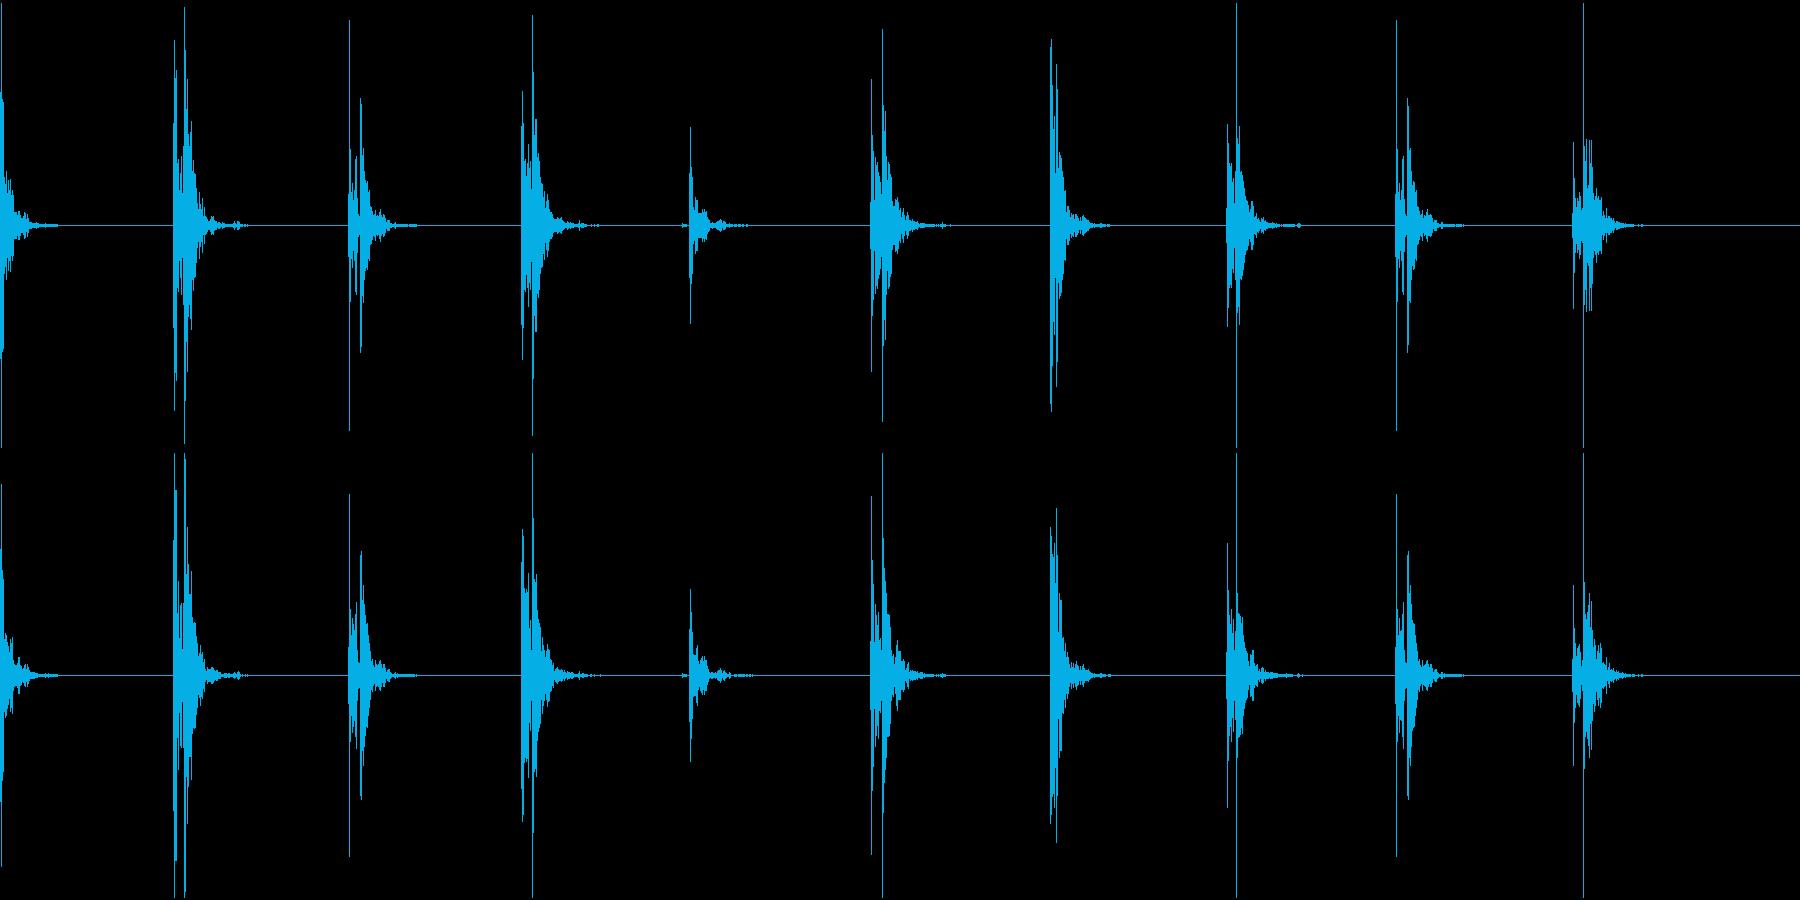 【生録音】足音2 スリッパorスニーカーの再生済みの波形